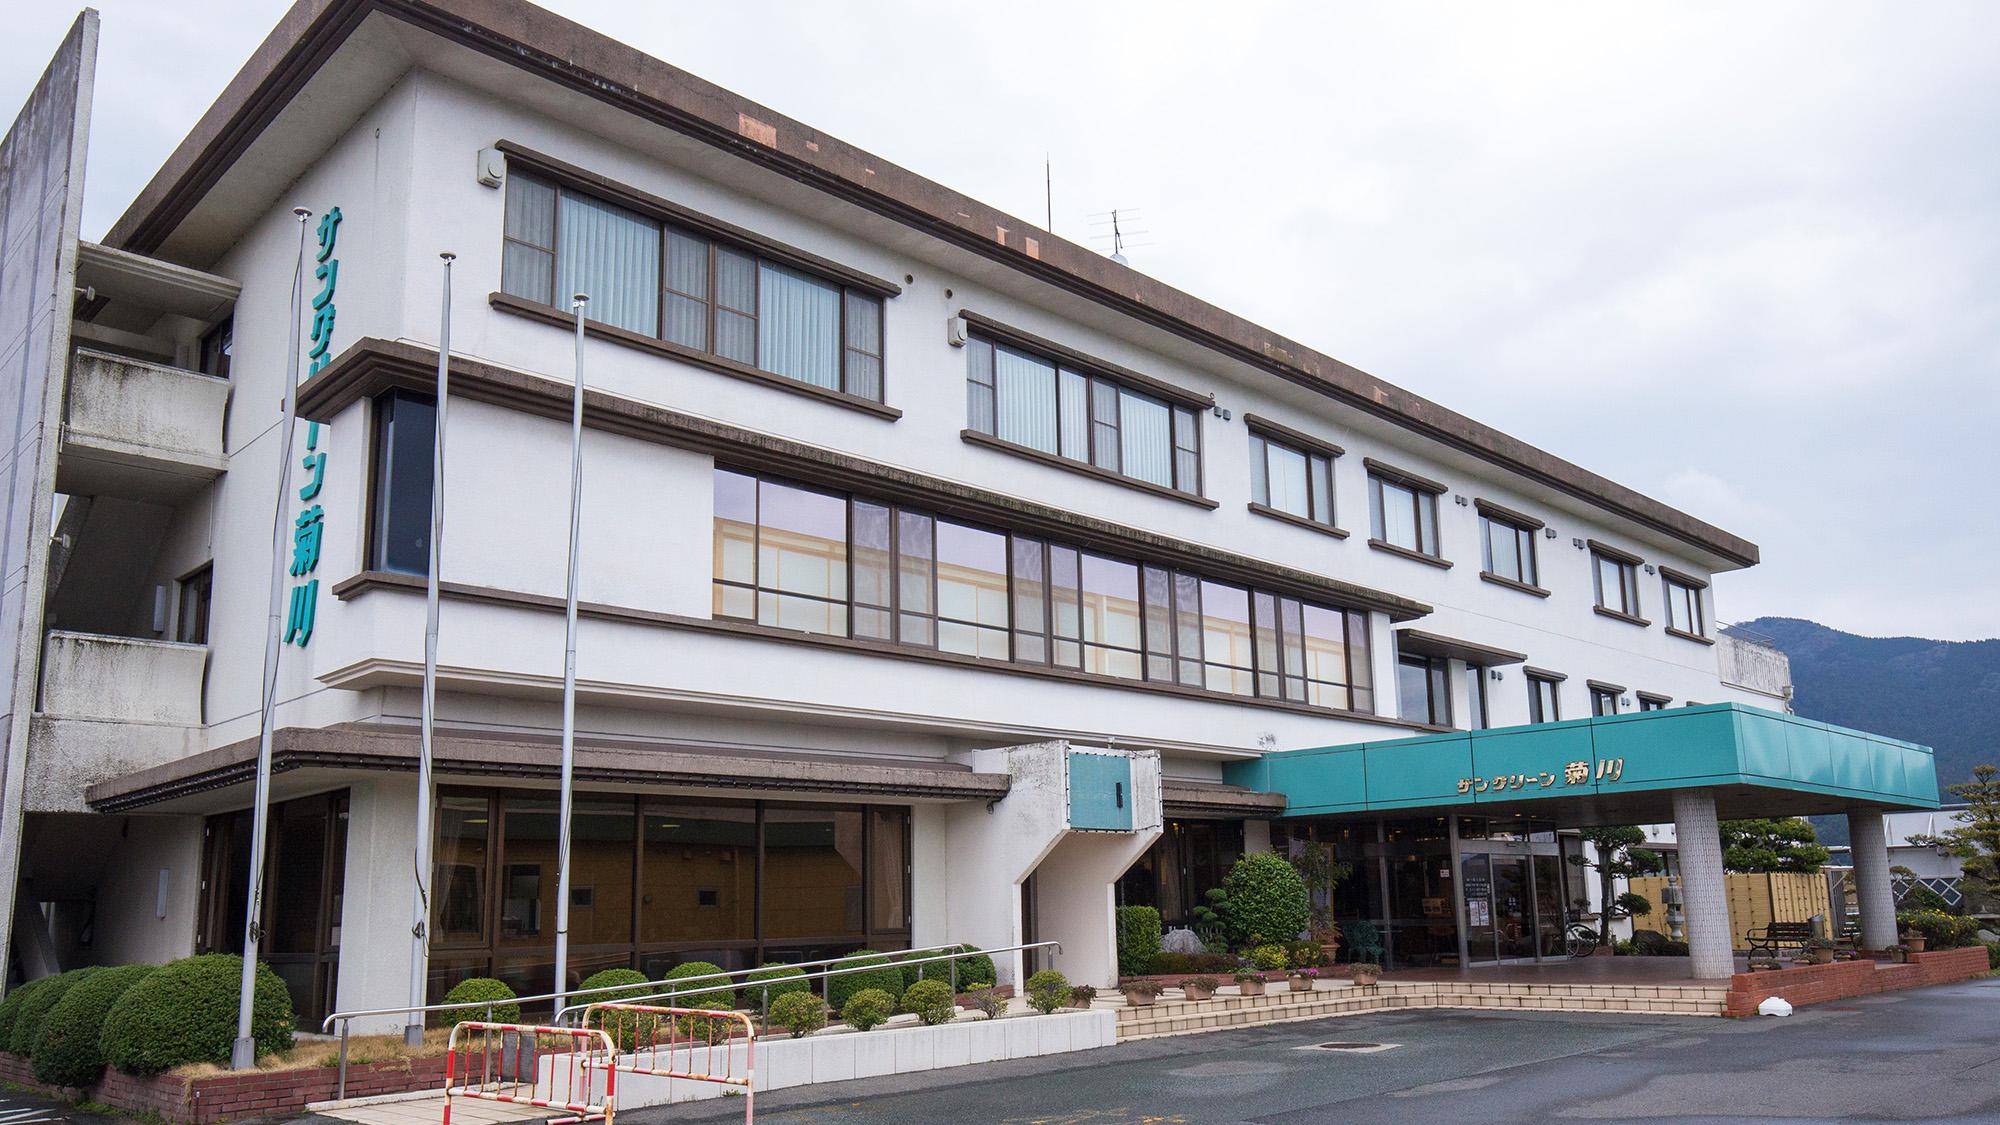 下関市営宿舎サングリーン菊川 image